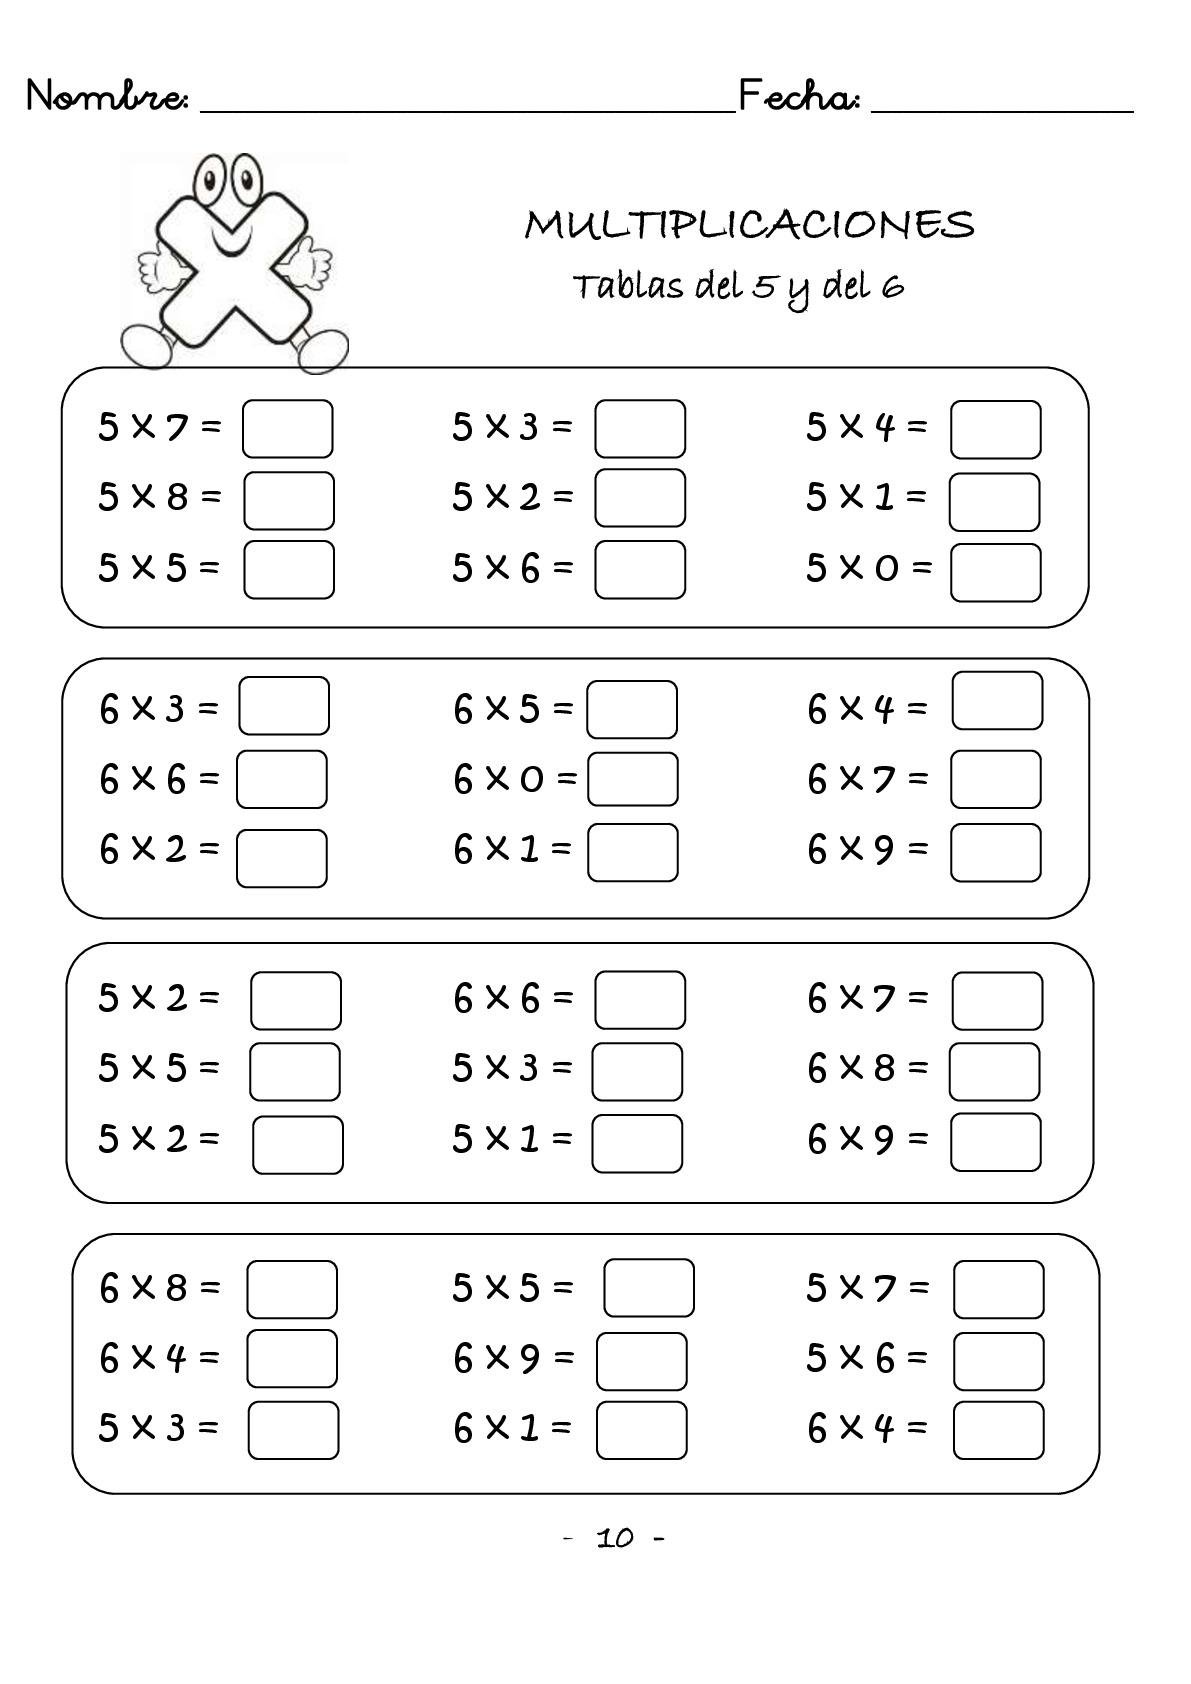 multiplicaciones-rapidas-una-cifra-protegido-011